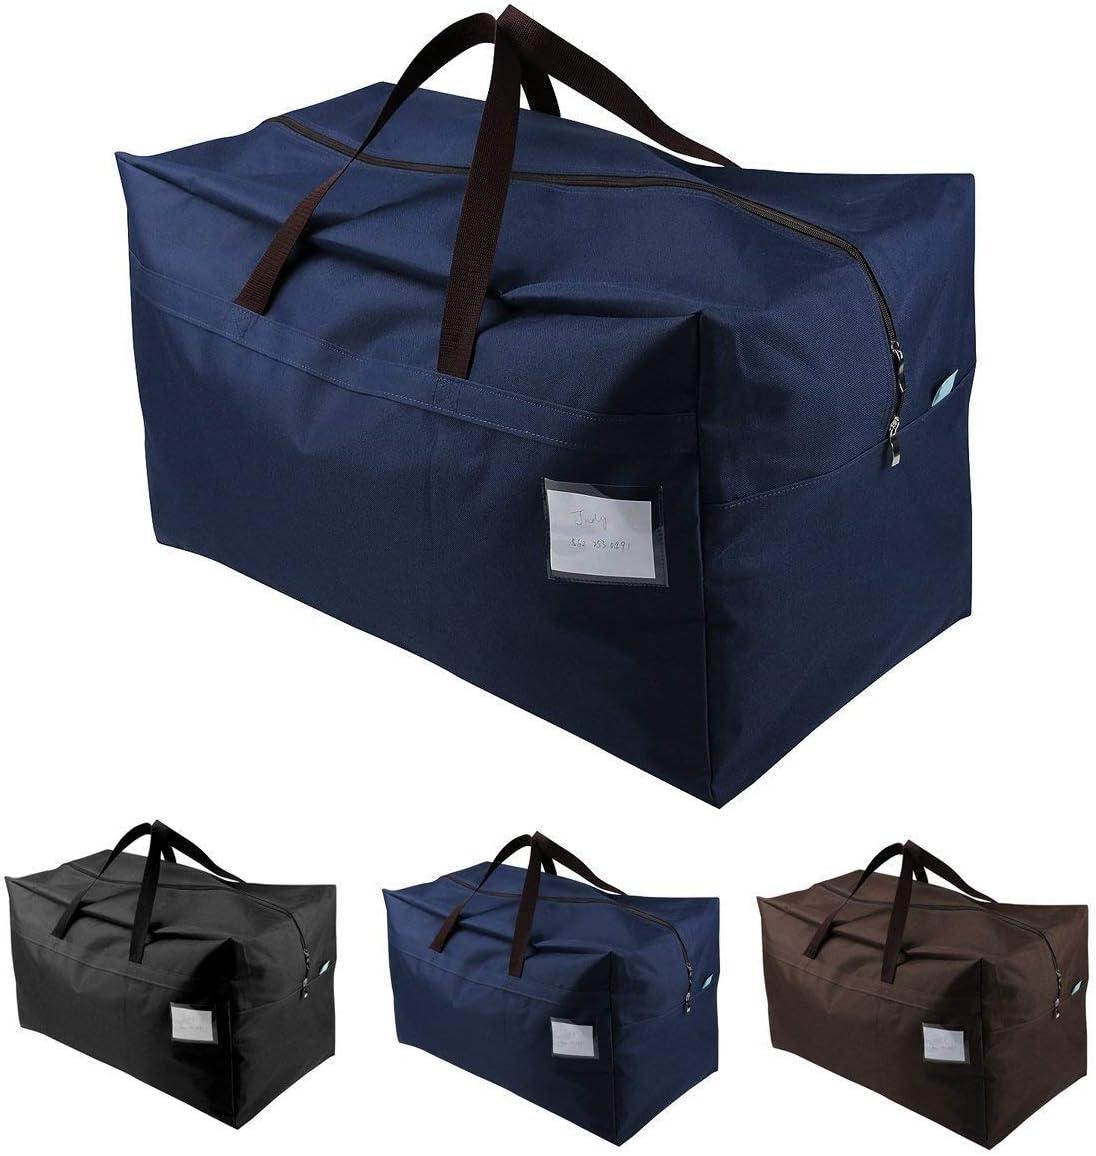 Blau iwill createpro Festliche Dekoration-Einzelteile Speicher-Organisator-Beutel Reisende Speicherbeutel Gehen Sie College-Aufbewahrungsbeutel 100L